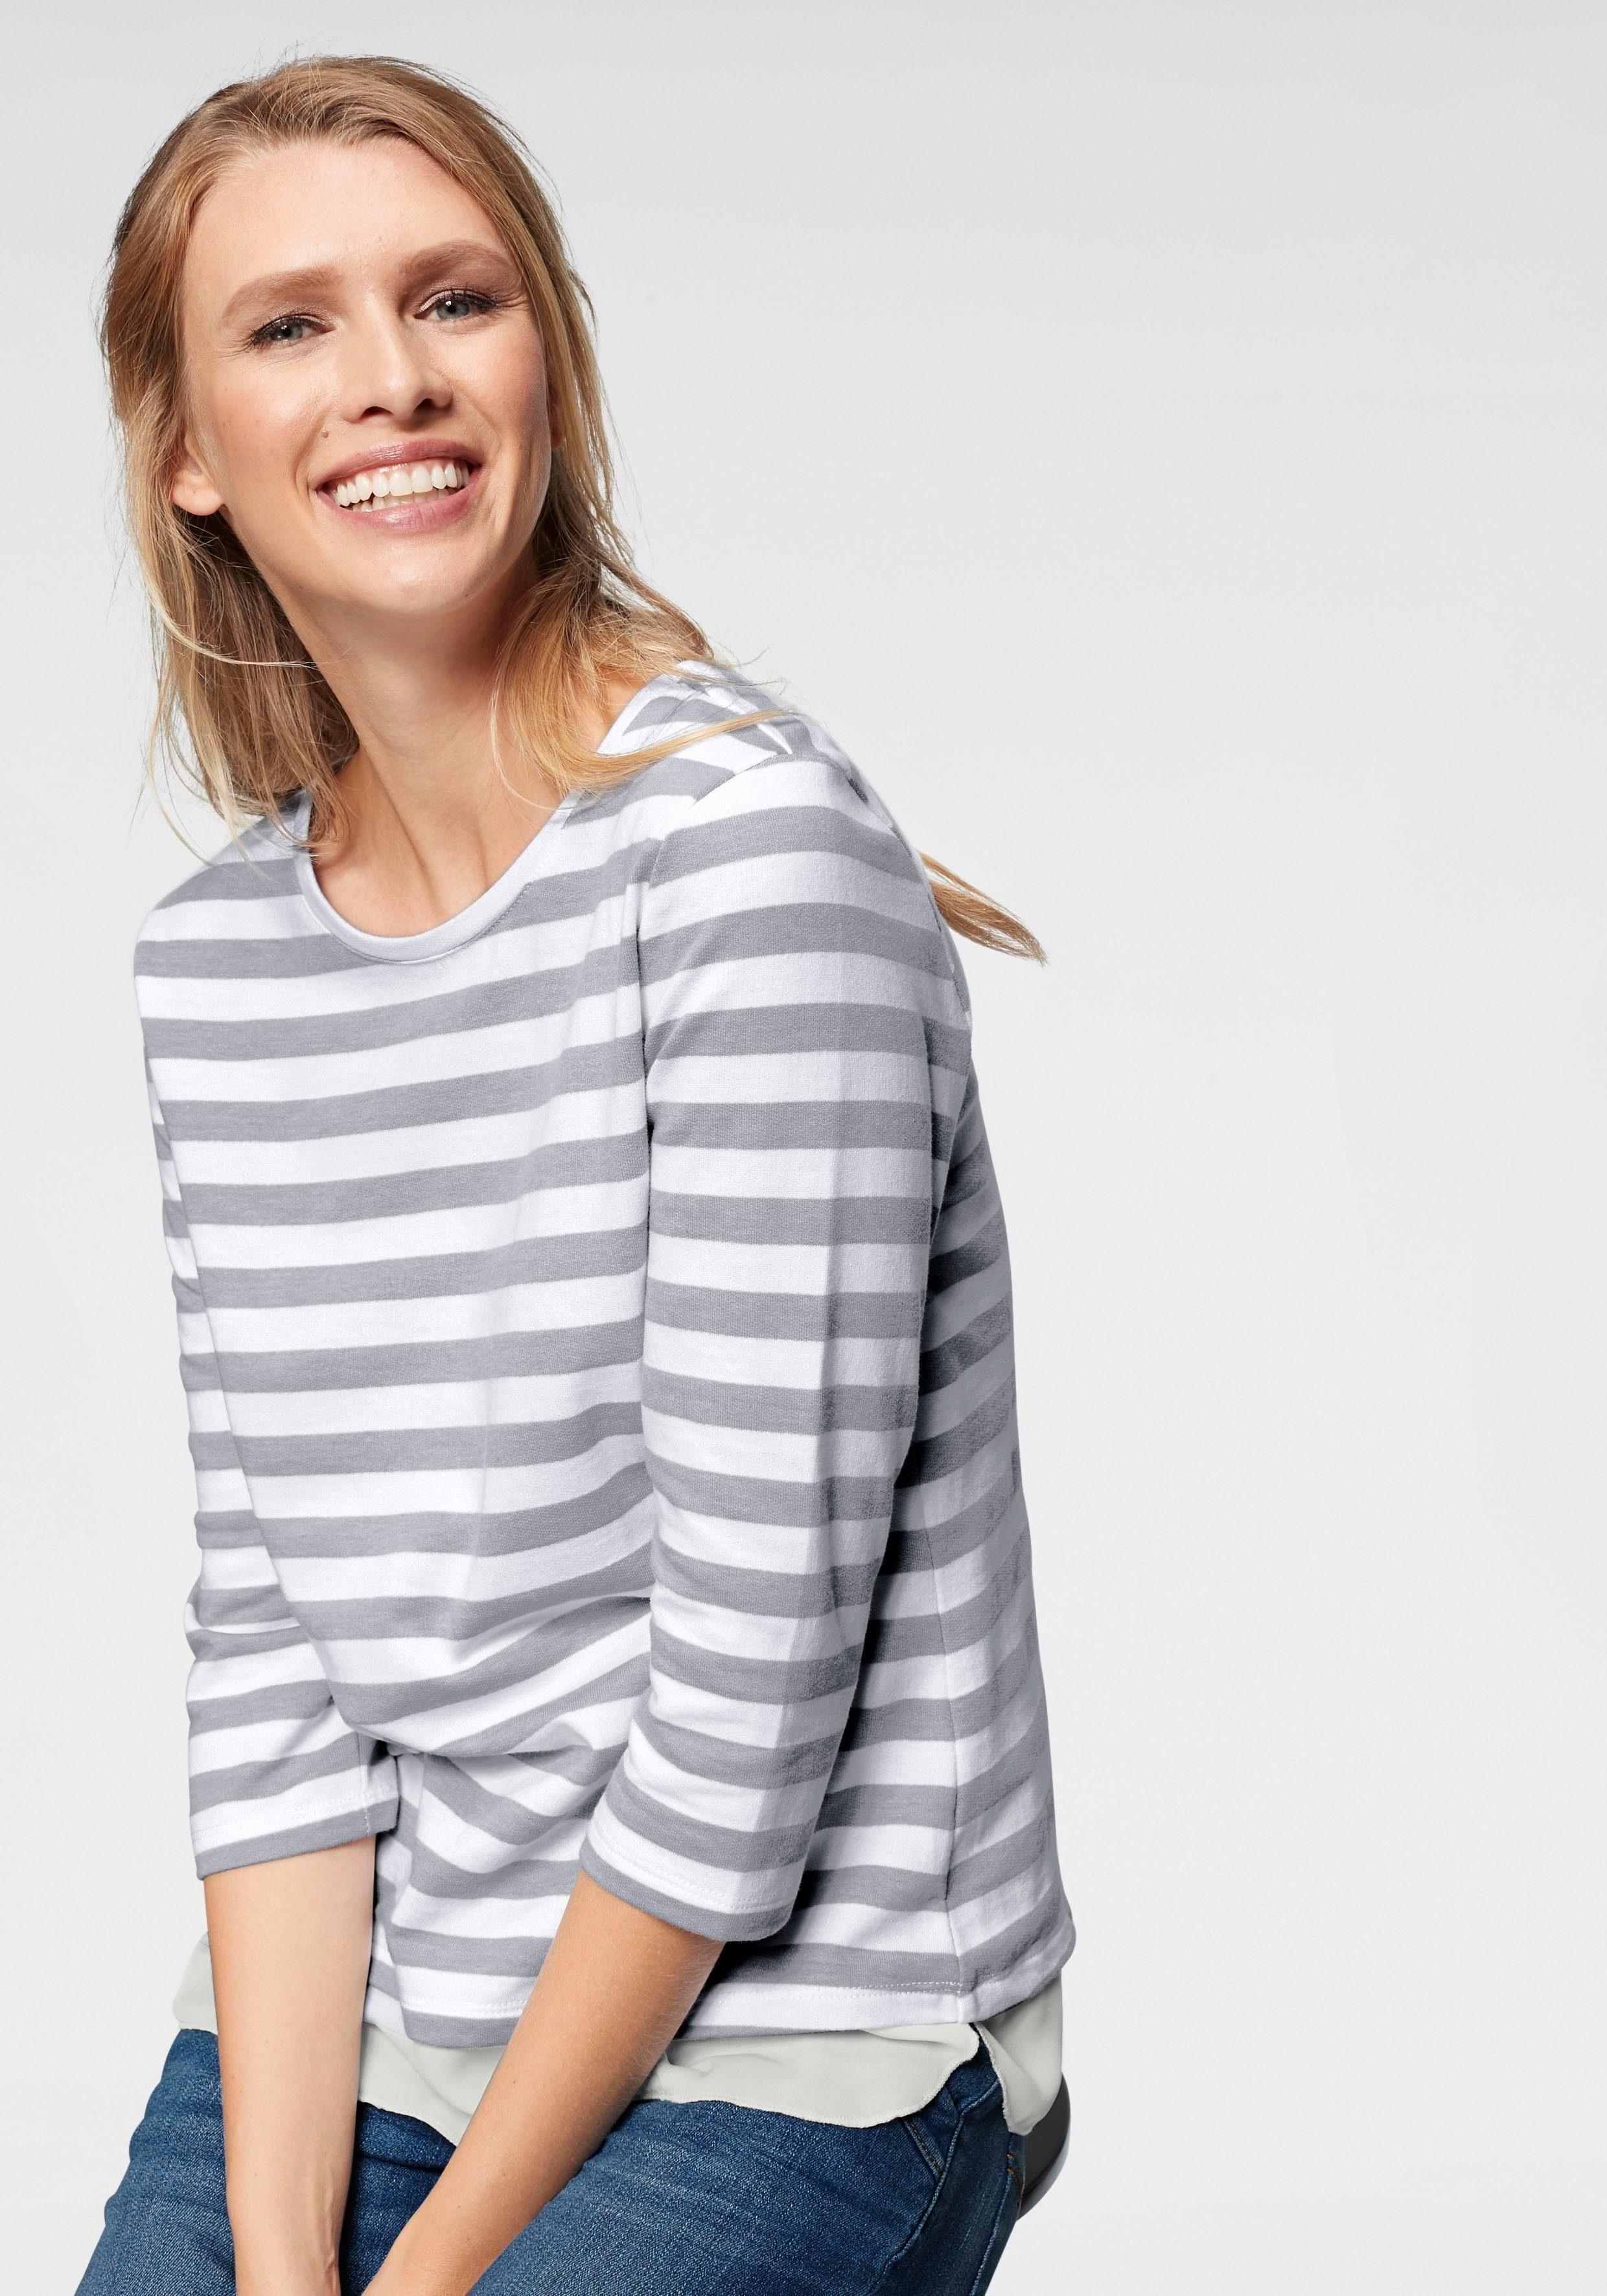 Cheer Sweatshirt in 2-in-1-Optik - bis Grösse 50 - NEUE KOLLEKTION